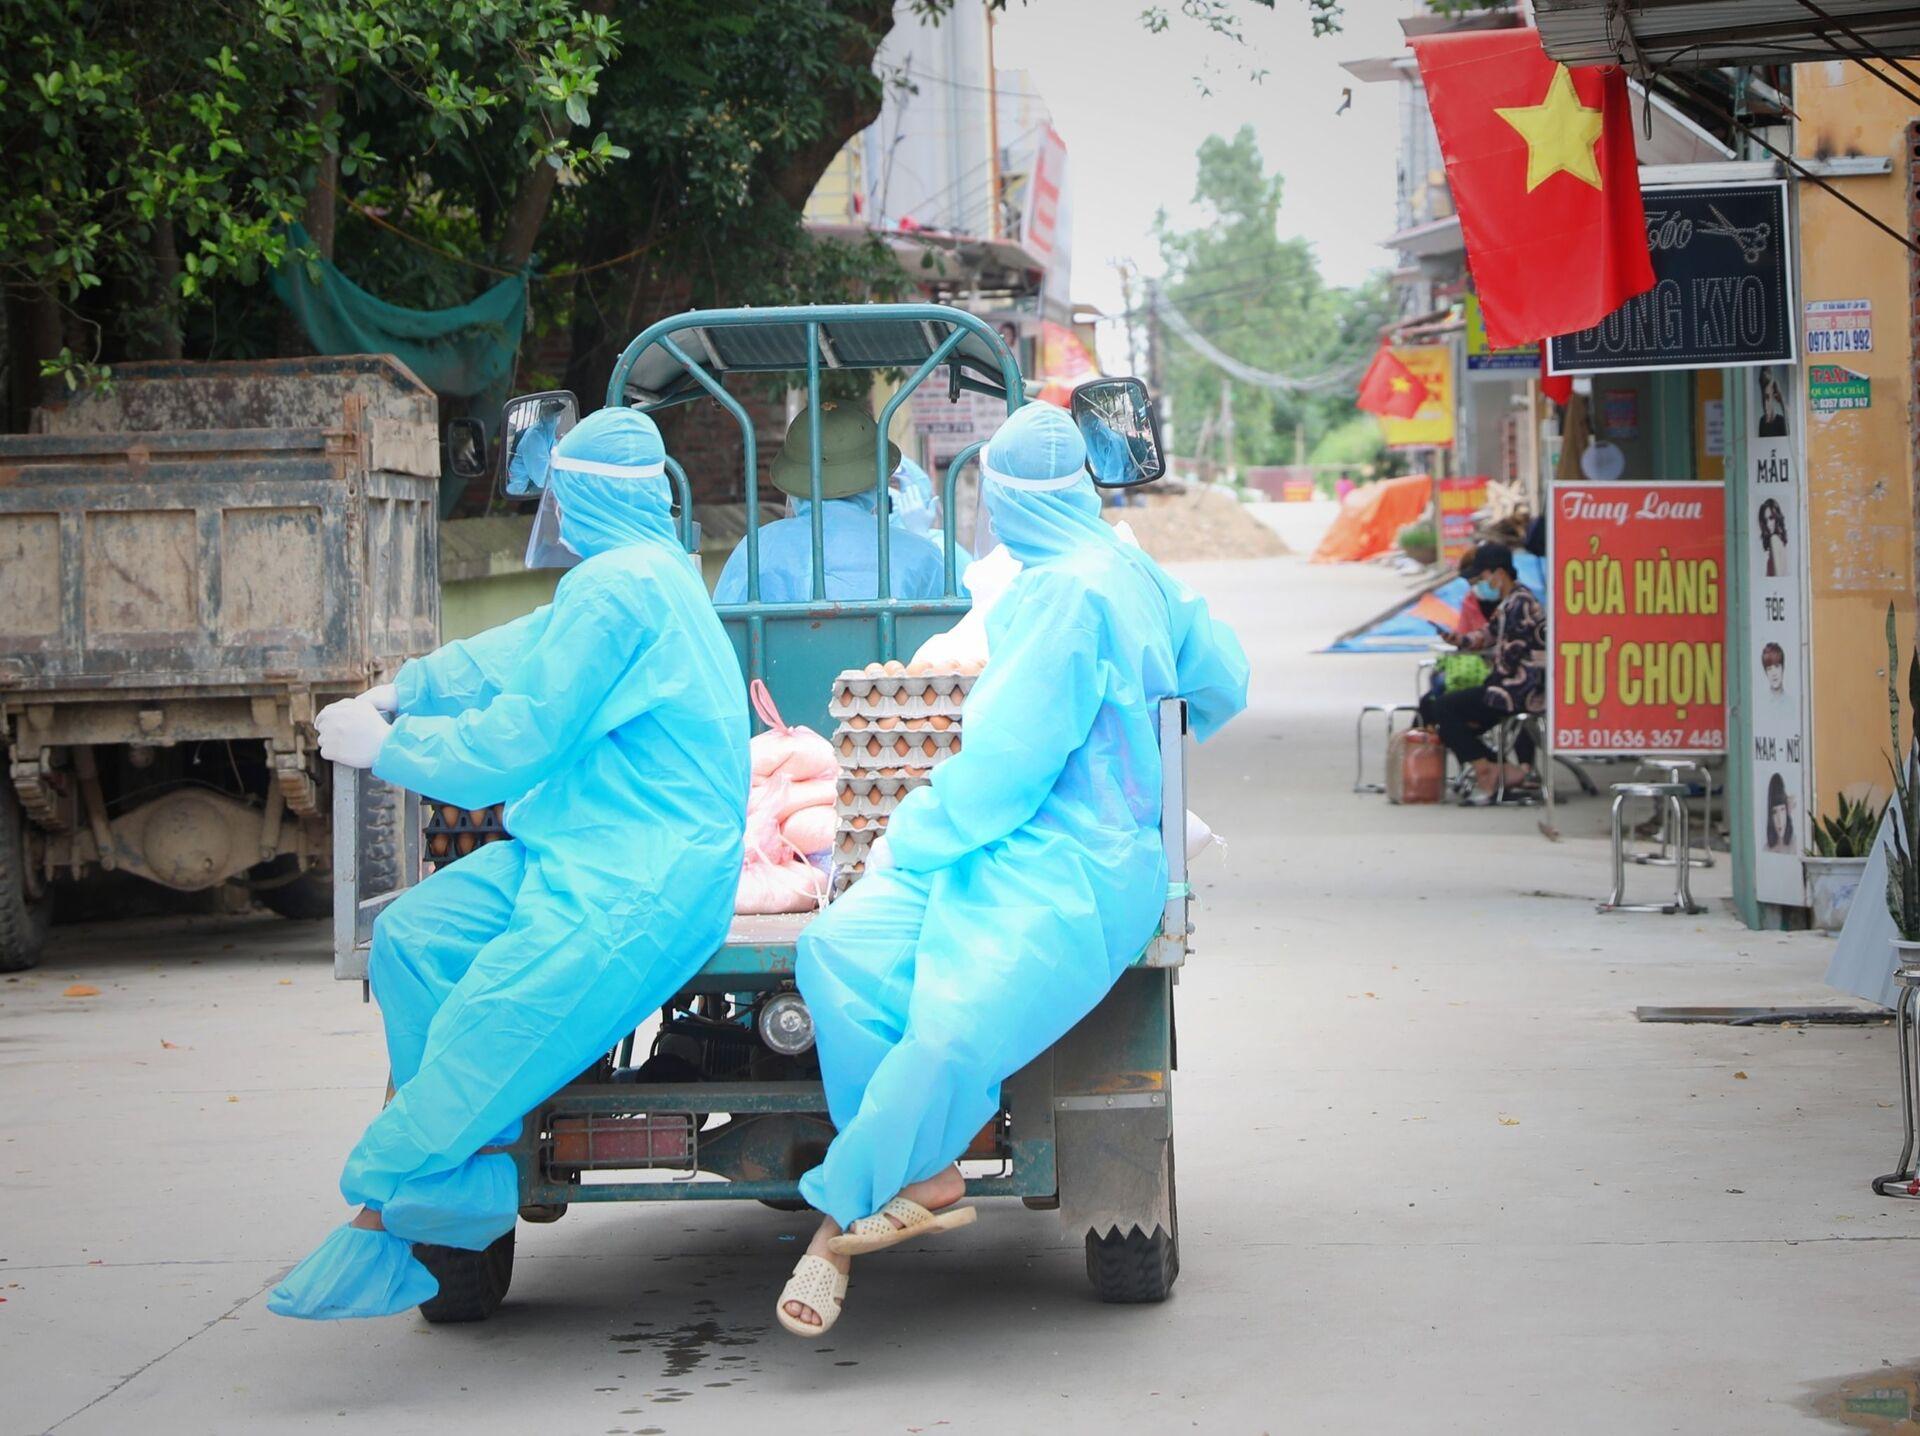 Việt Nam phê duyệt thử nghiệm Nanocovax giai đoạn 3, Tiền Giang giãn cách xã hội - Sputnik Việt Nam, 1920, 11.06.2021